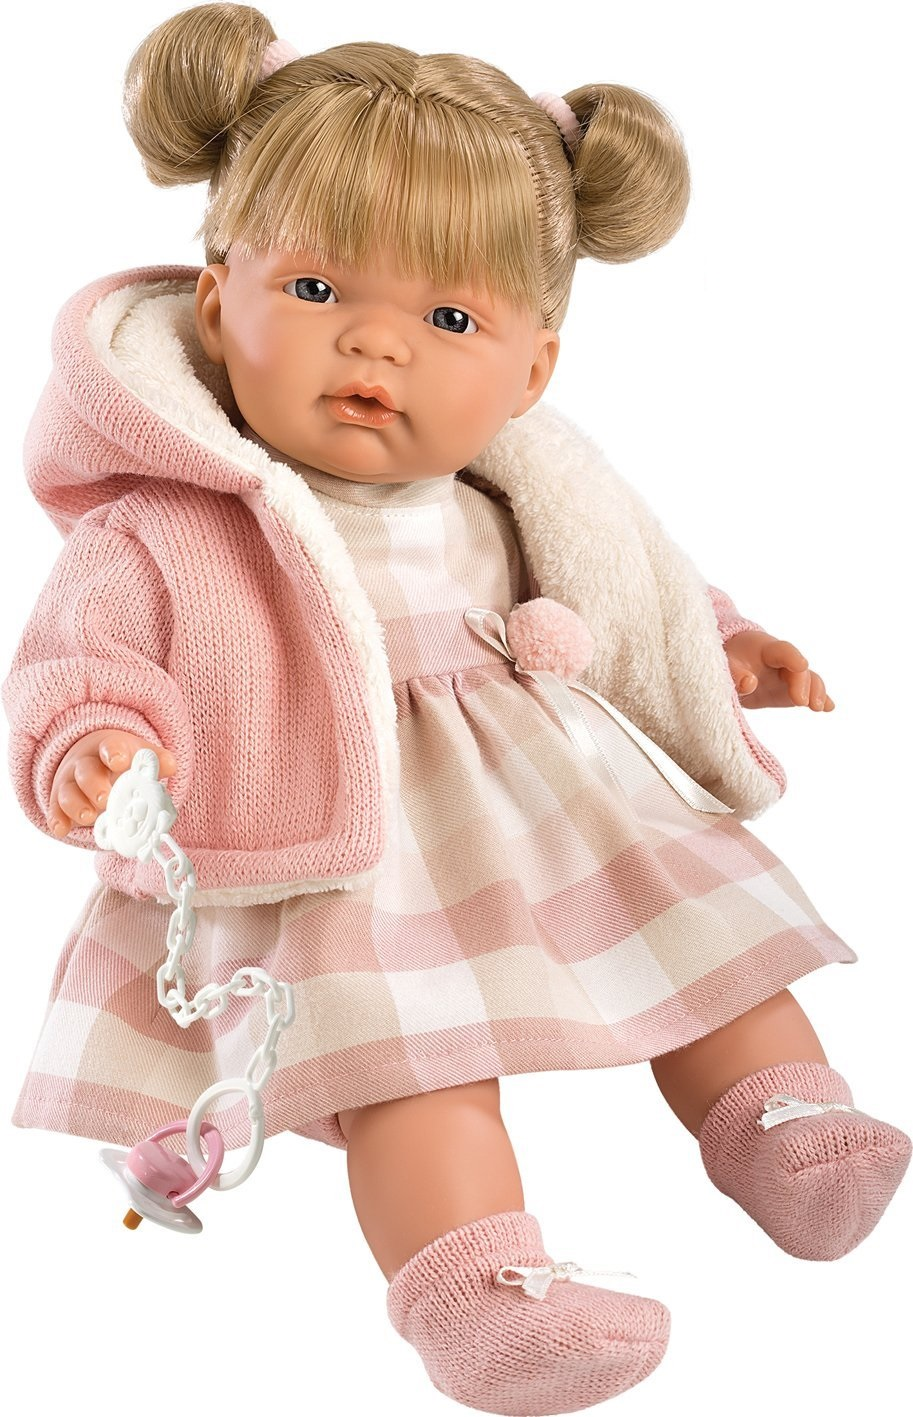 Кукла Люсия, озвученная, 38 см.Испанские куклы Llorens Juan, S.L.<br>Кукла Люсия, озвученная, 38 см.<br>